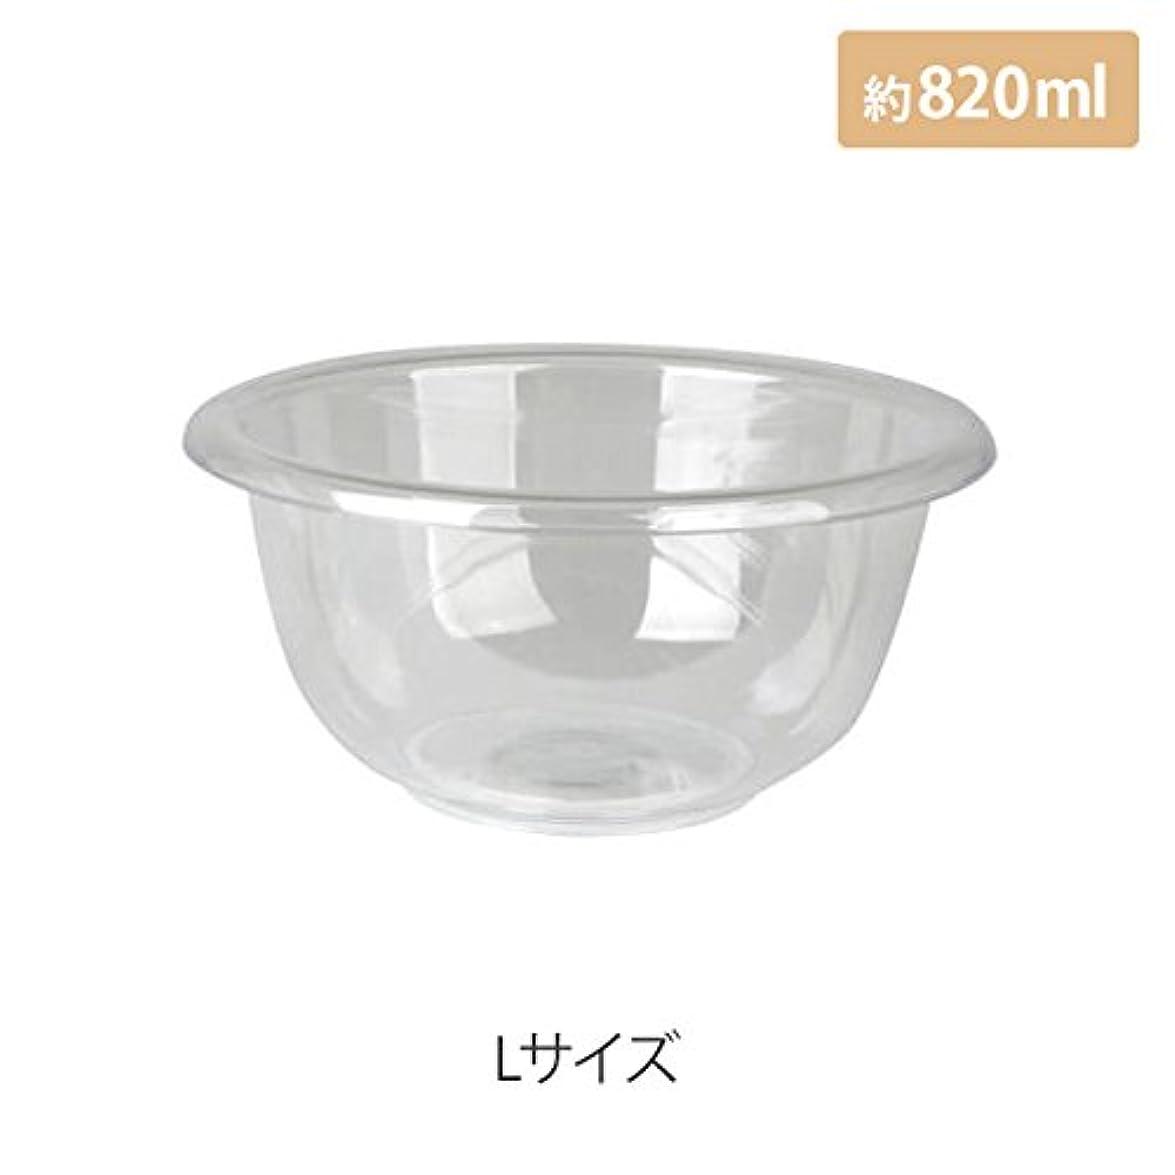 ゴシップ自分を引き上げる最小マイスター プラスティックボウル (Lサイズ) クリア 直径19.5cm [ プラスチックボール カップボウル カップボール エステ サロン プラスチック ボウル カップ 割れない ]